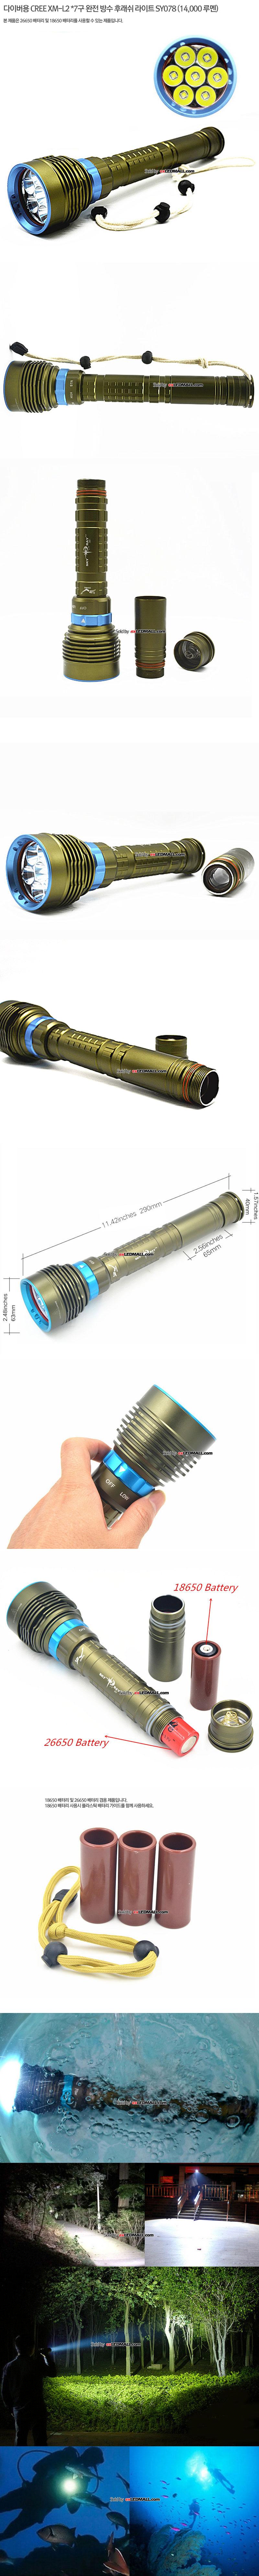 다이버용 CREE XM-L2 x7구 완전 방수 후래쉬 라이트 SY078 (14,000 루멘)